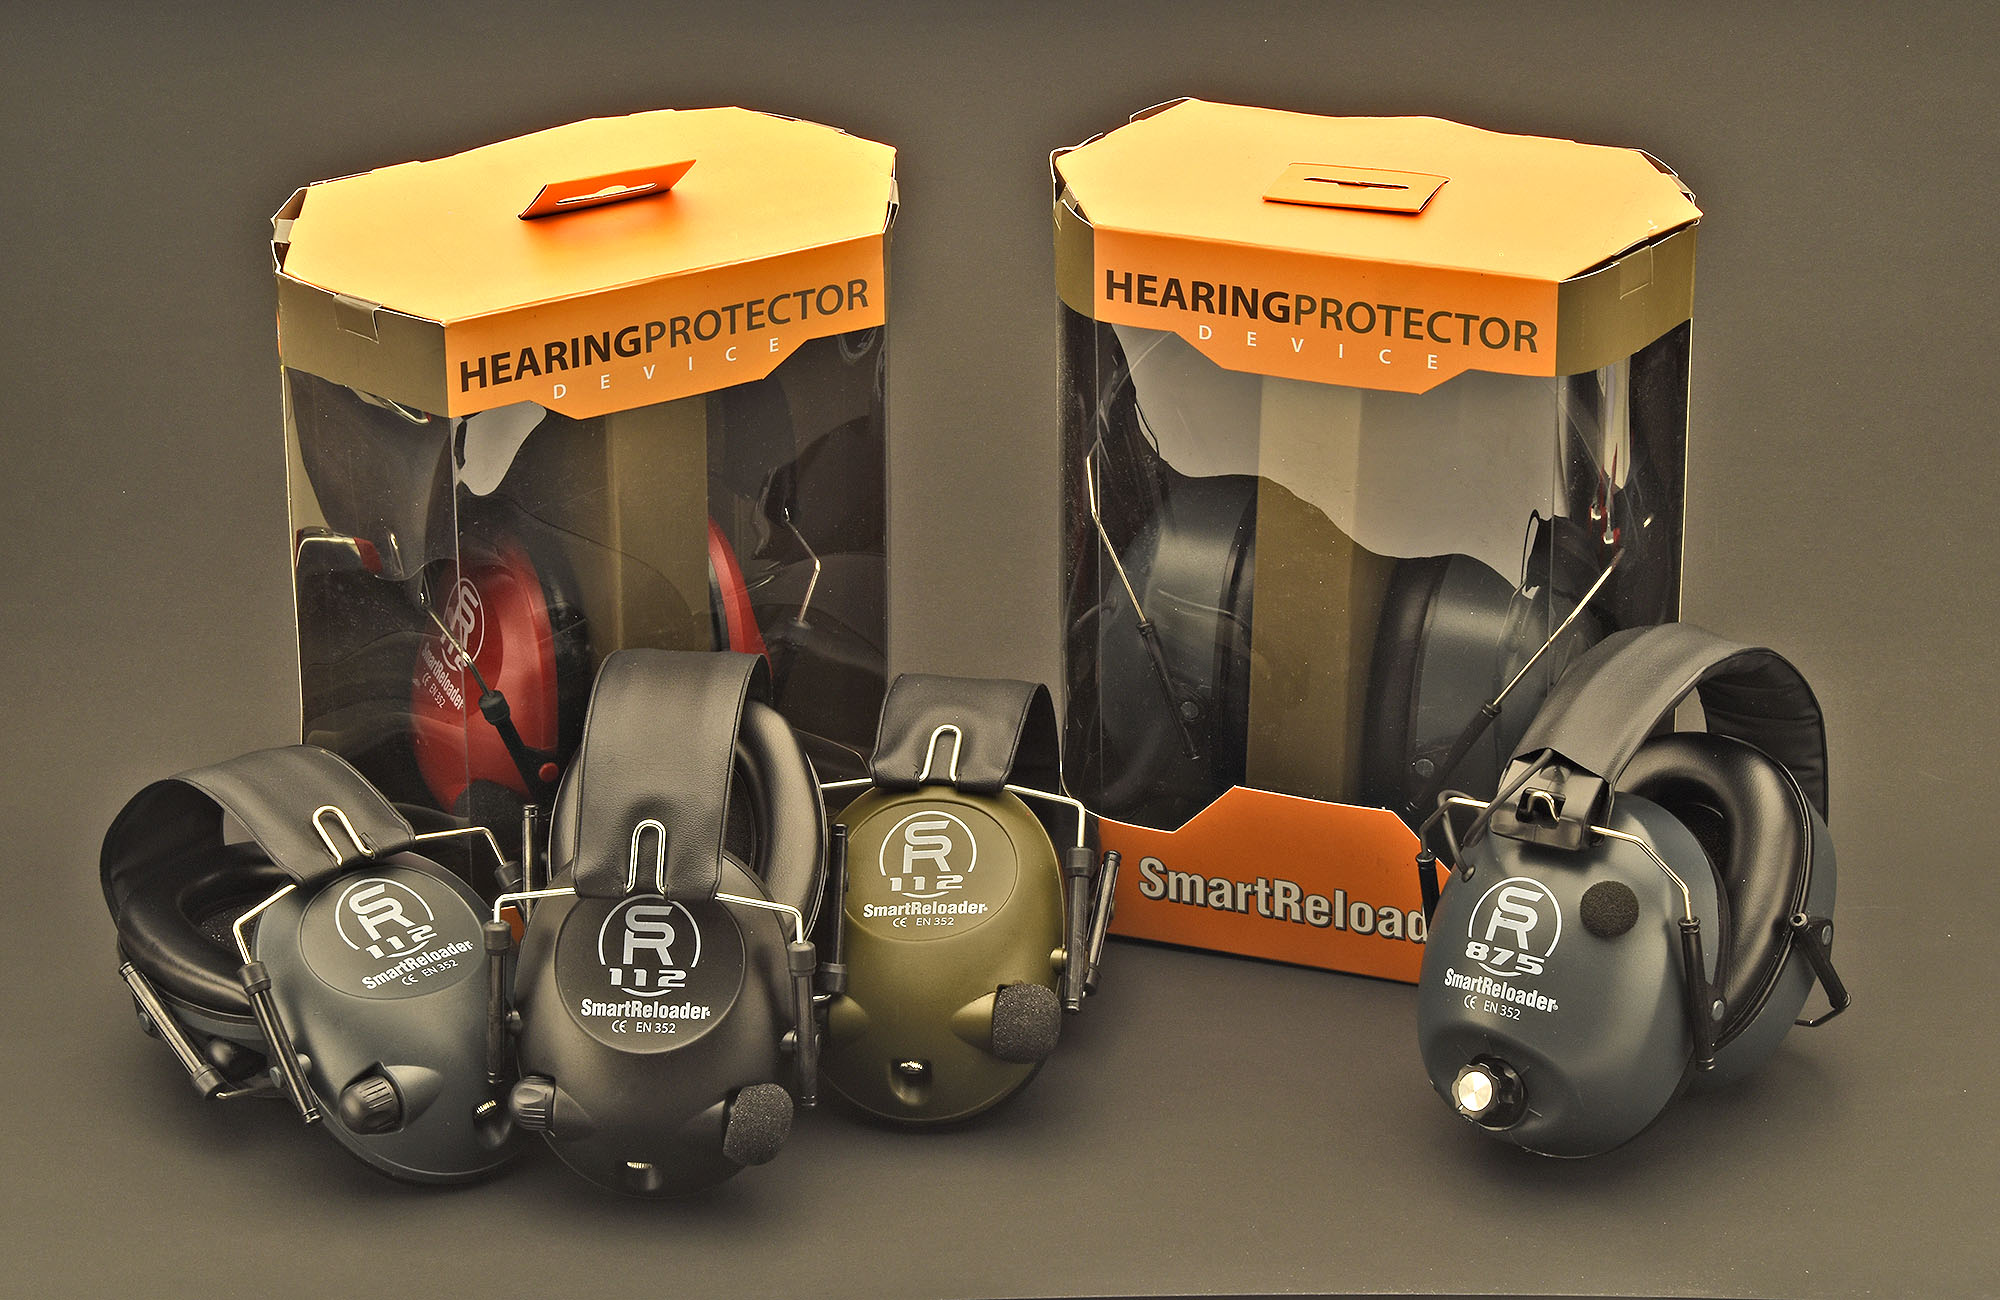 Le cuffie SmartReloader sono ordinabili online e hanno un ottimo rapporto  prezzo qualità 8333a75b4bed